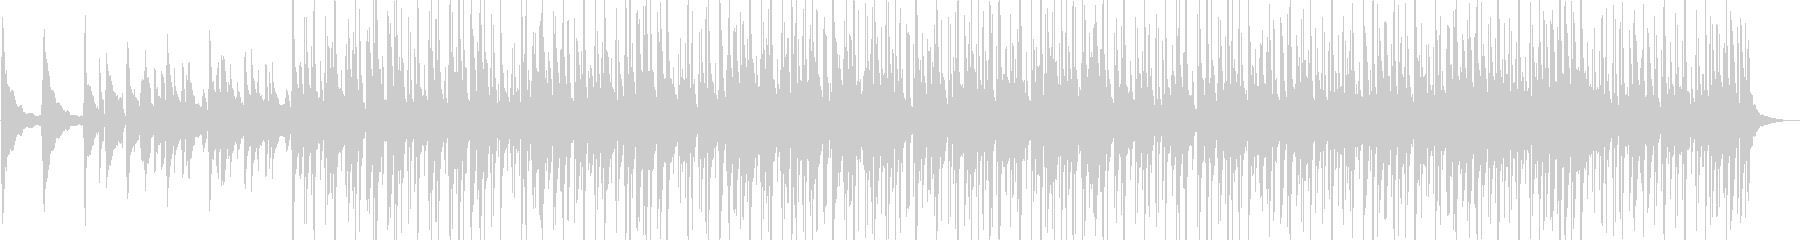 初夏の情景にあうアコギBGMの未再生の波形